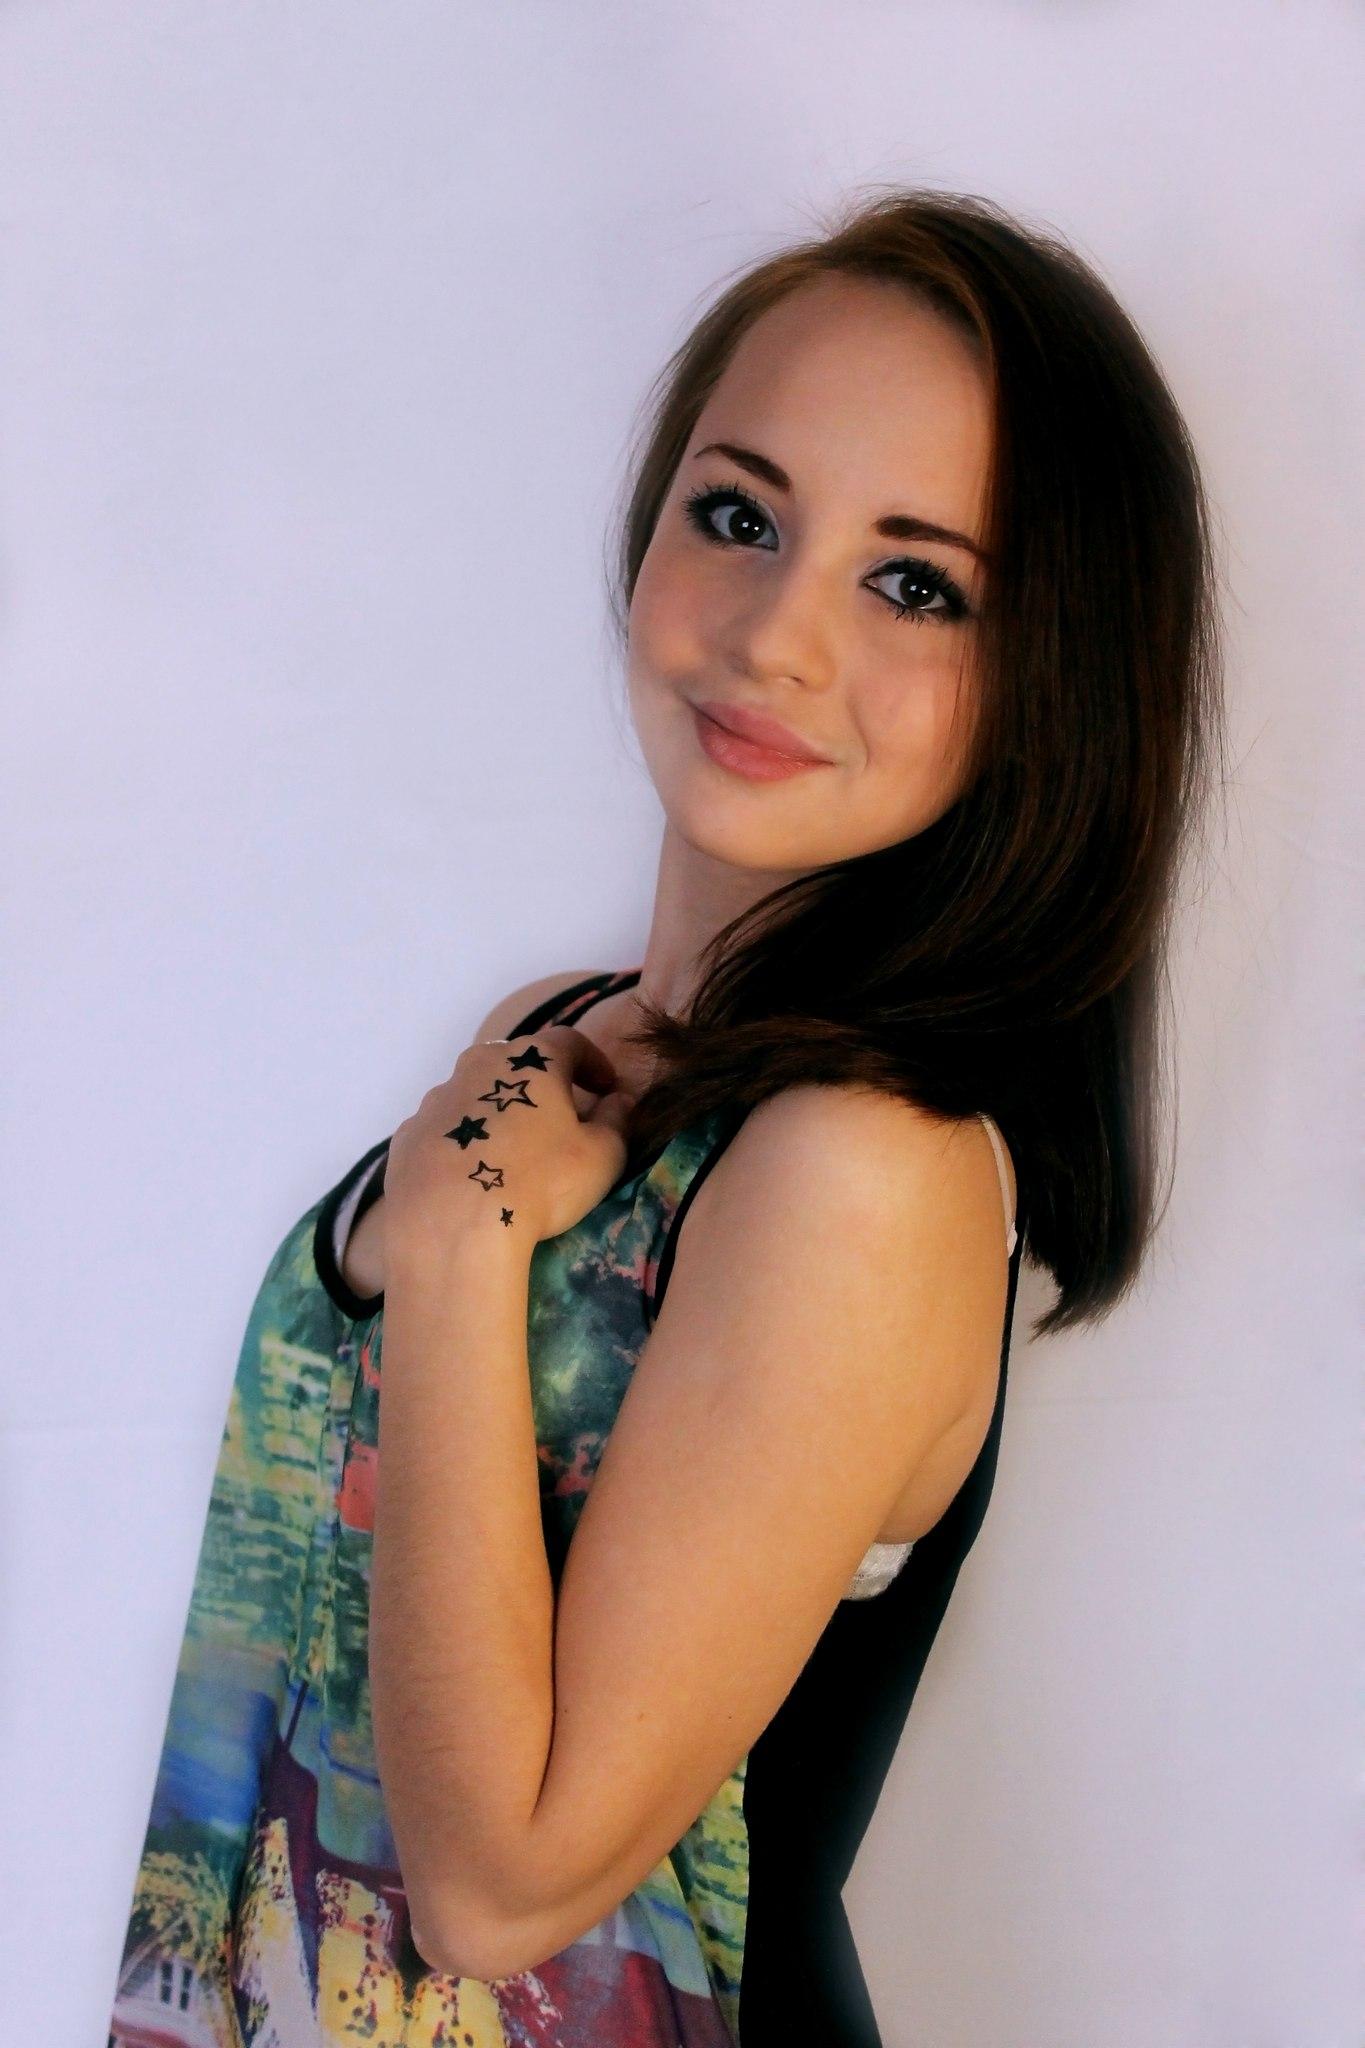 Самые красивые девушки пензы фото 4 фотография